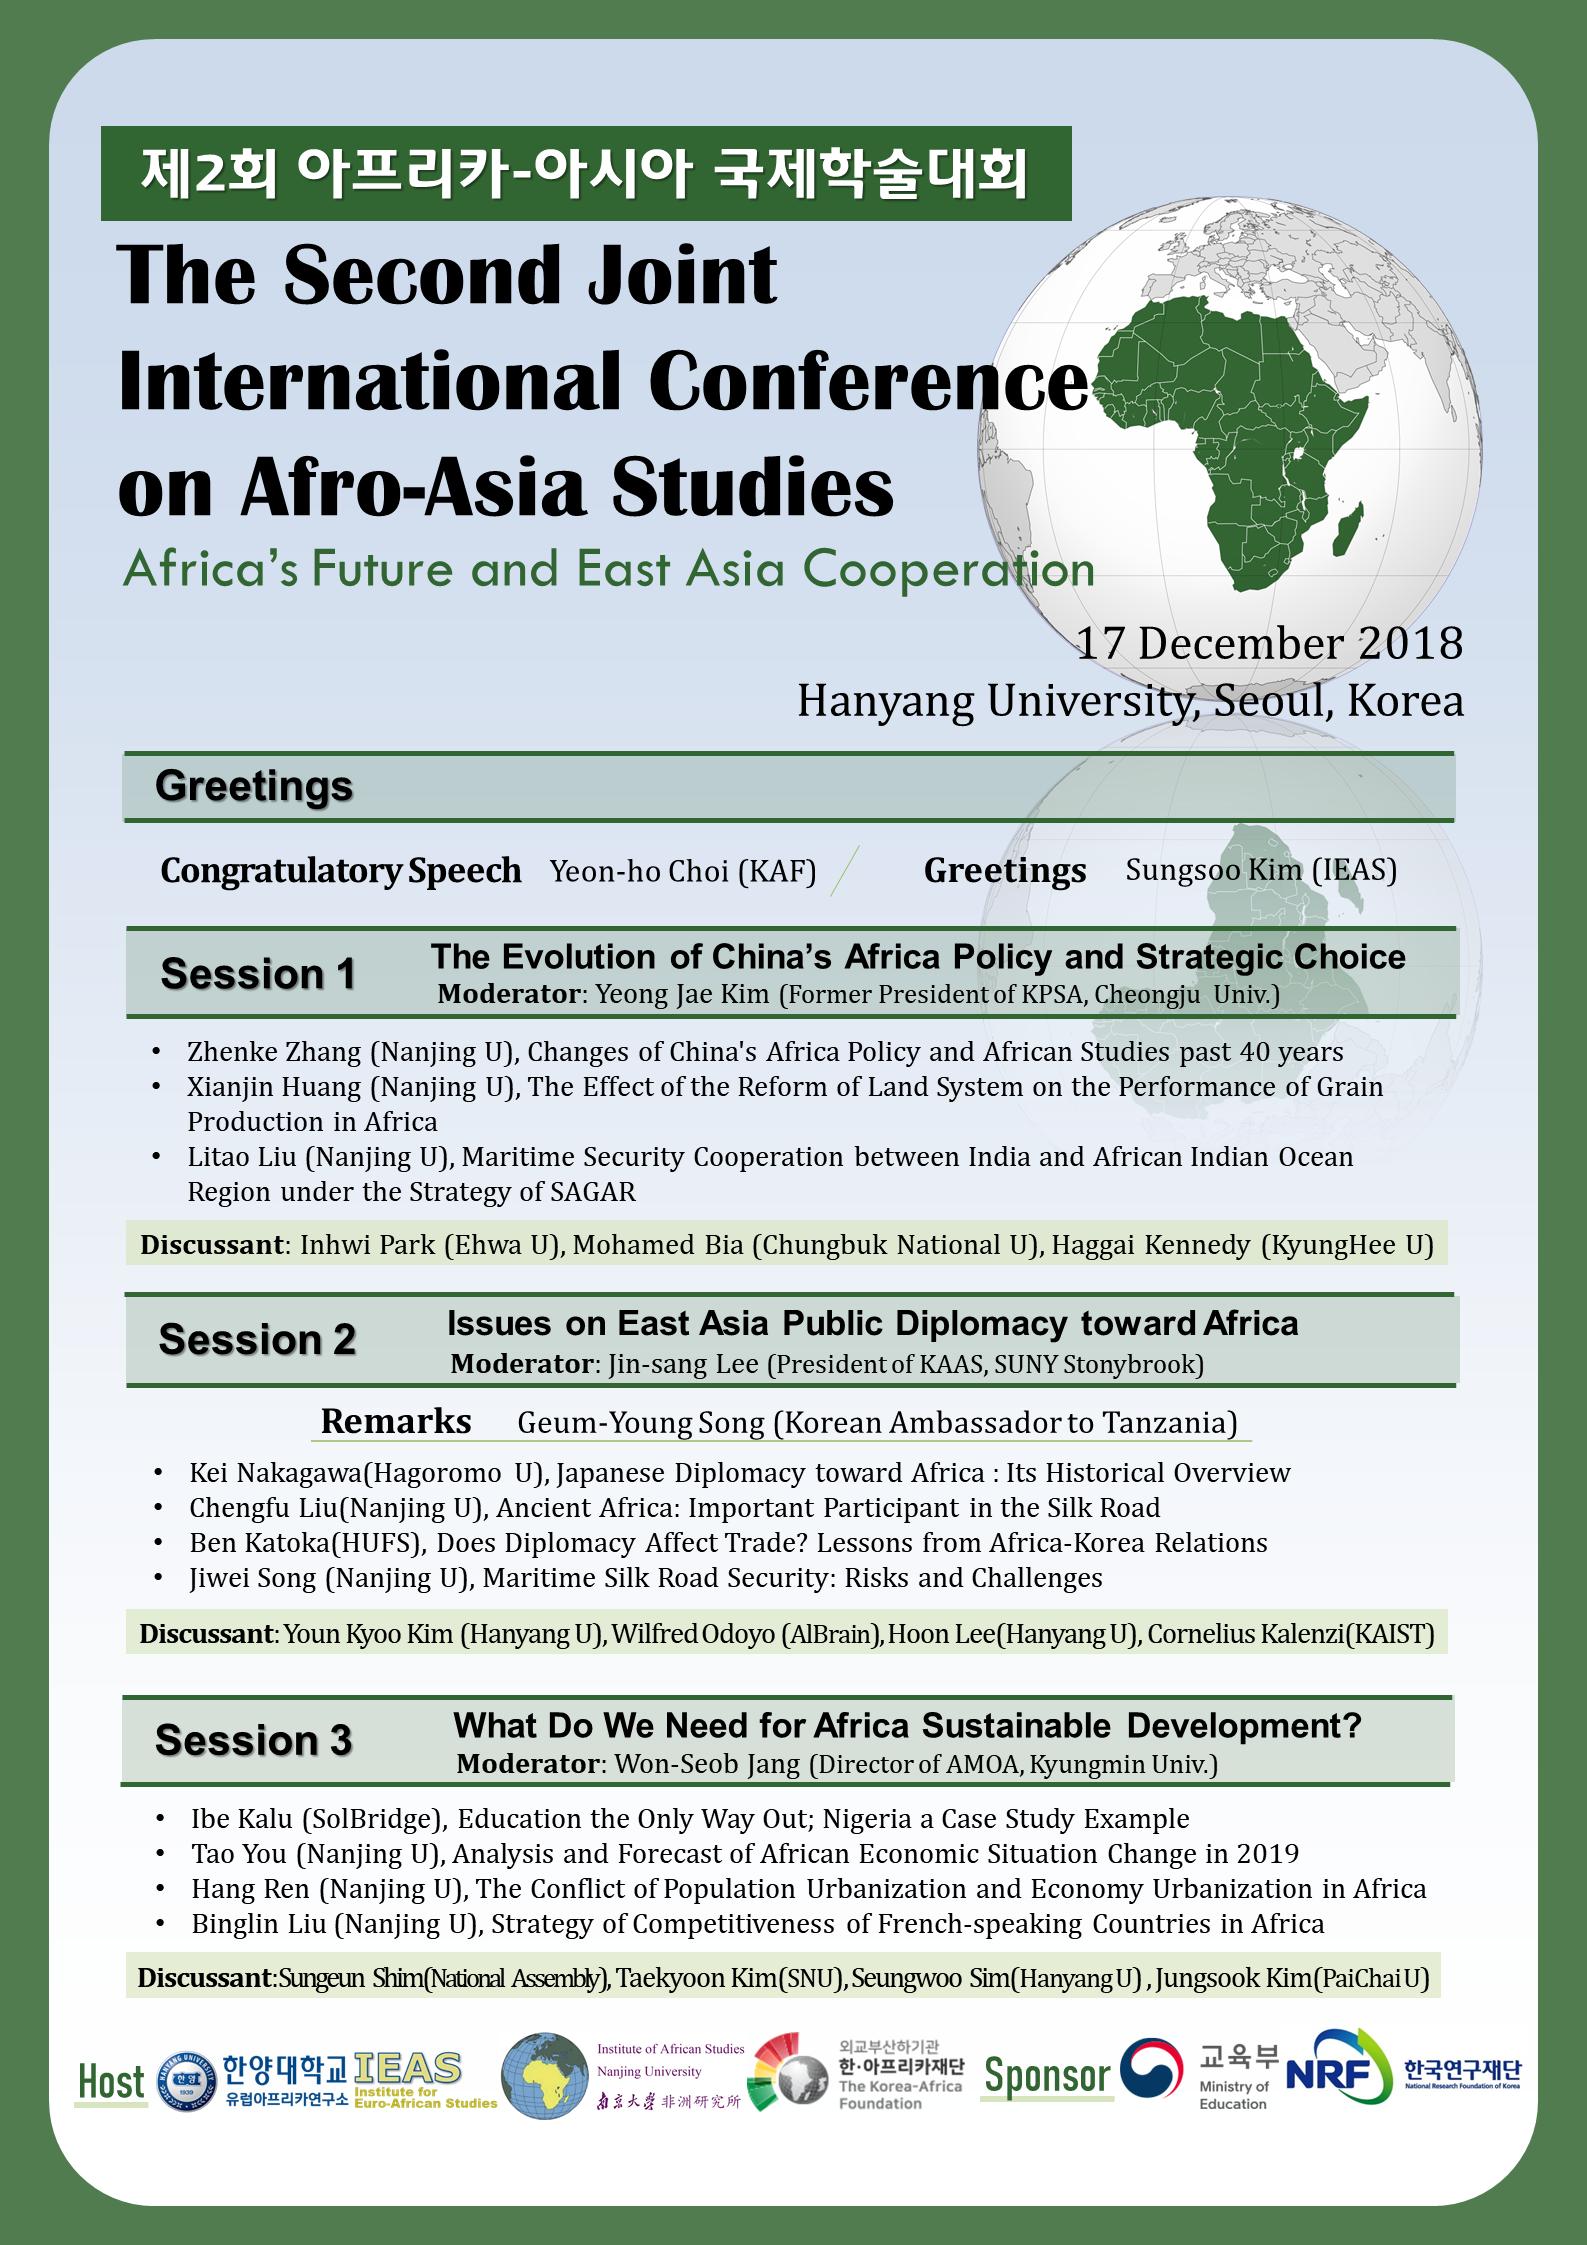 [18.12.13] 한양대, '아프리카의 미래와 동아시아 협력' 국제학술회의